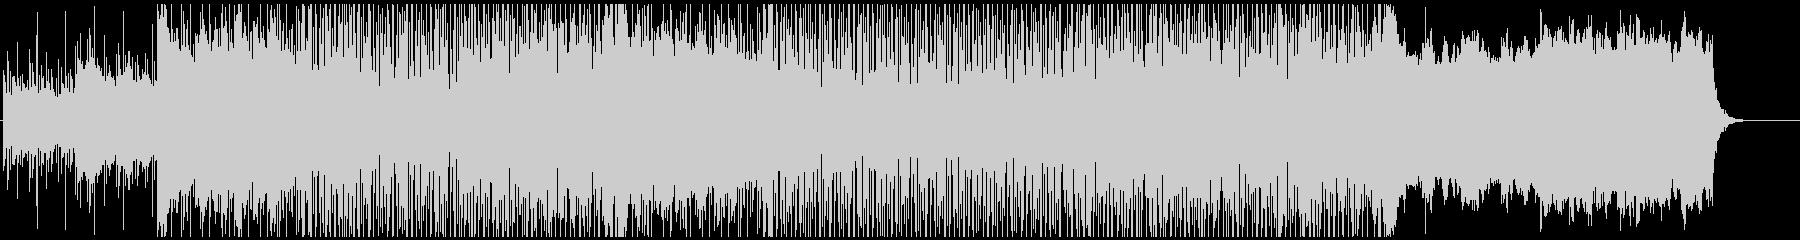 ラウンジ、ヴィンテージ。オルガンの...の未再生の波形